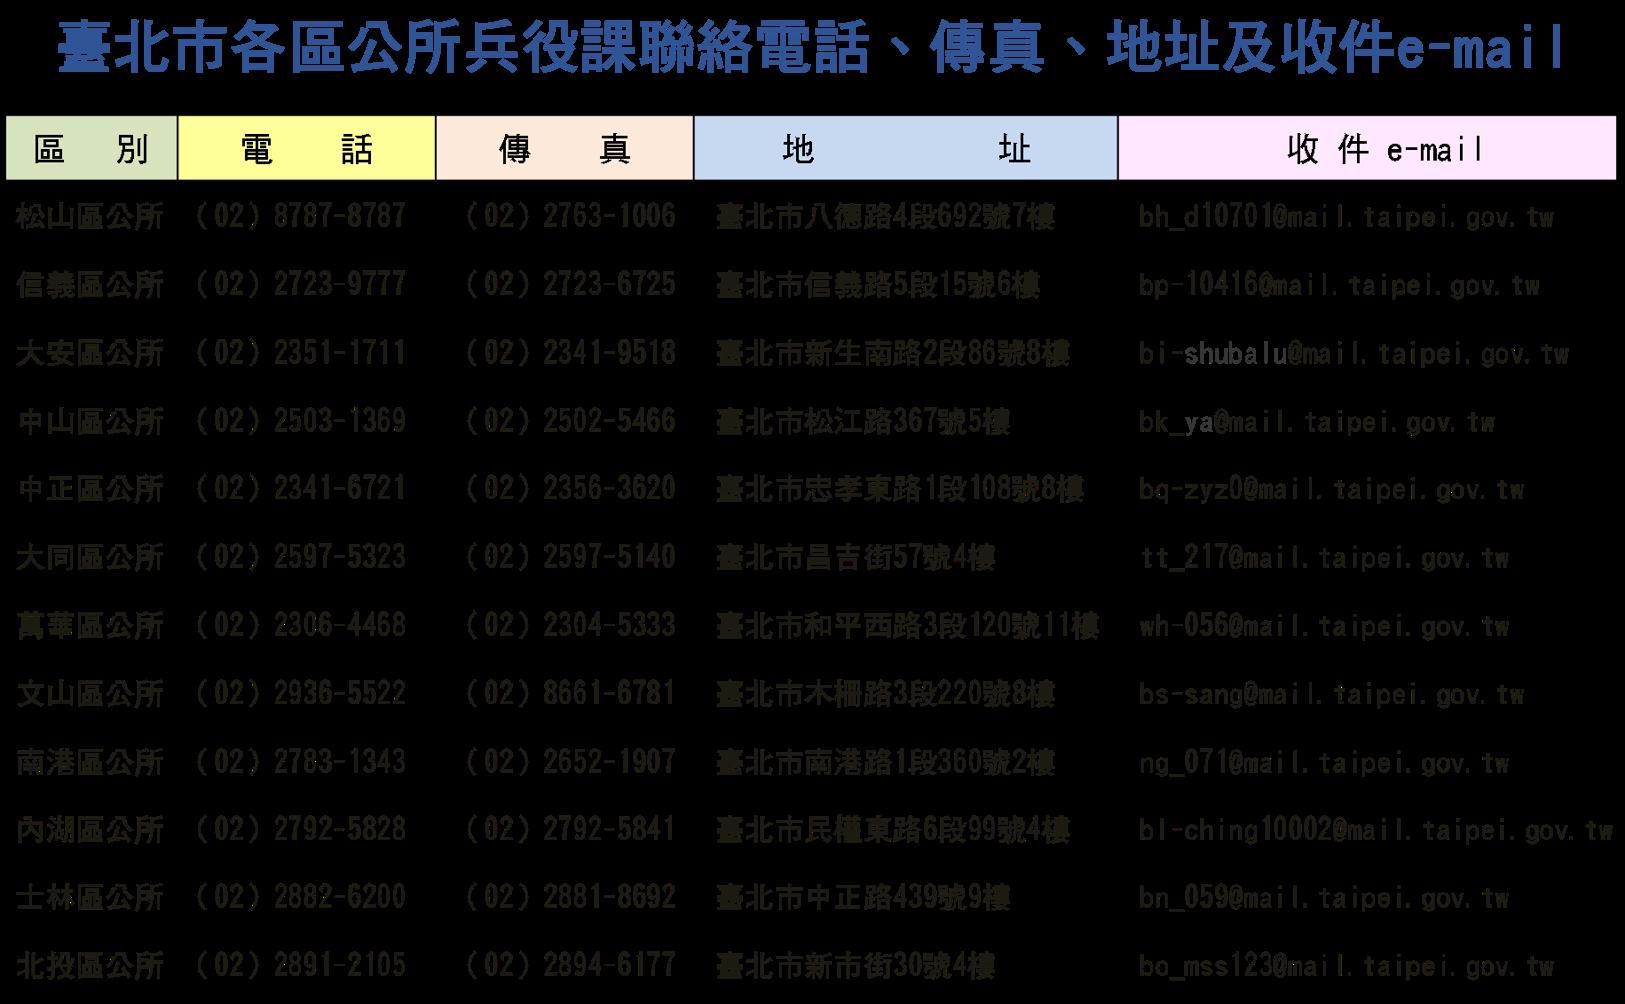 91年次役男兵籍調查線上申報-臺北市各區公所兵役課聯絡電話、傳真、地址及收件e-mail圖